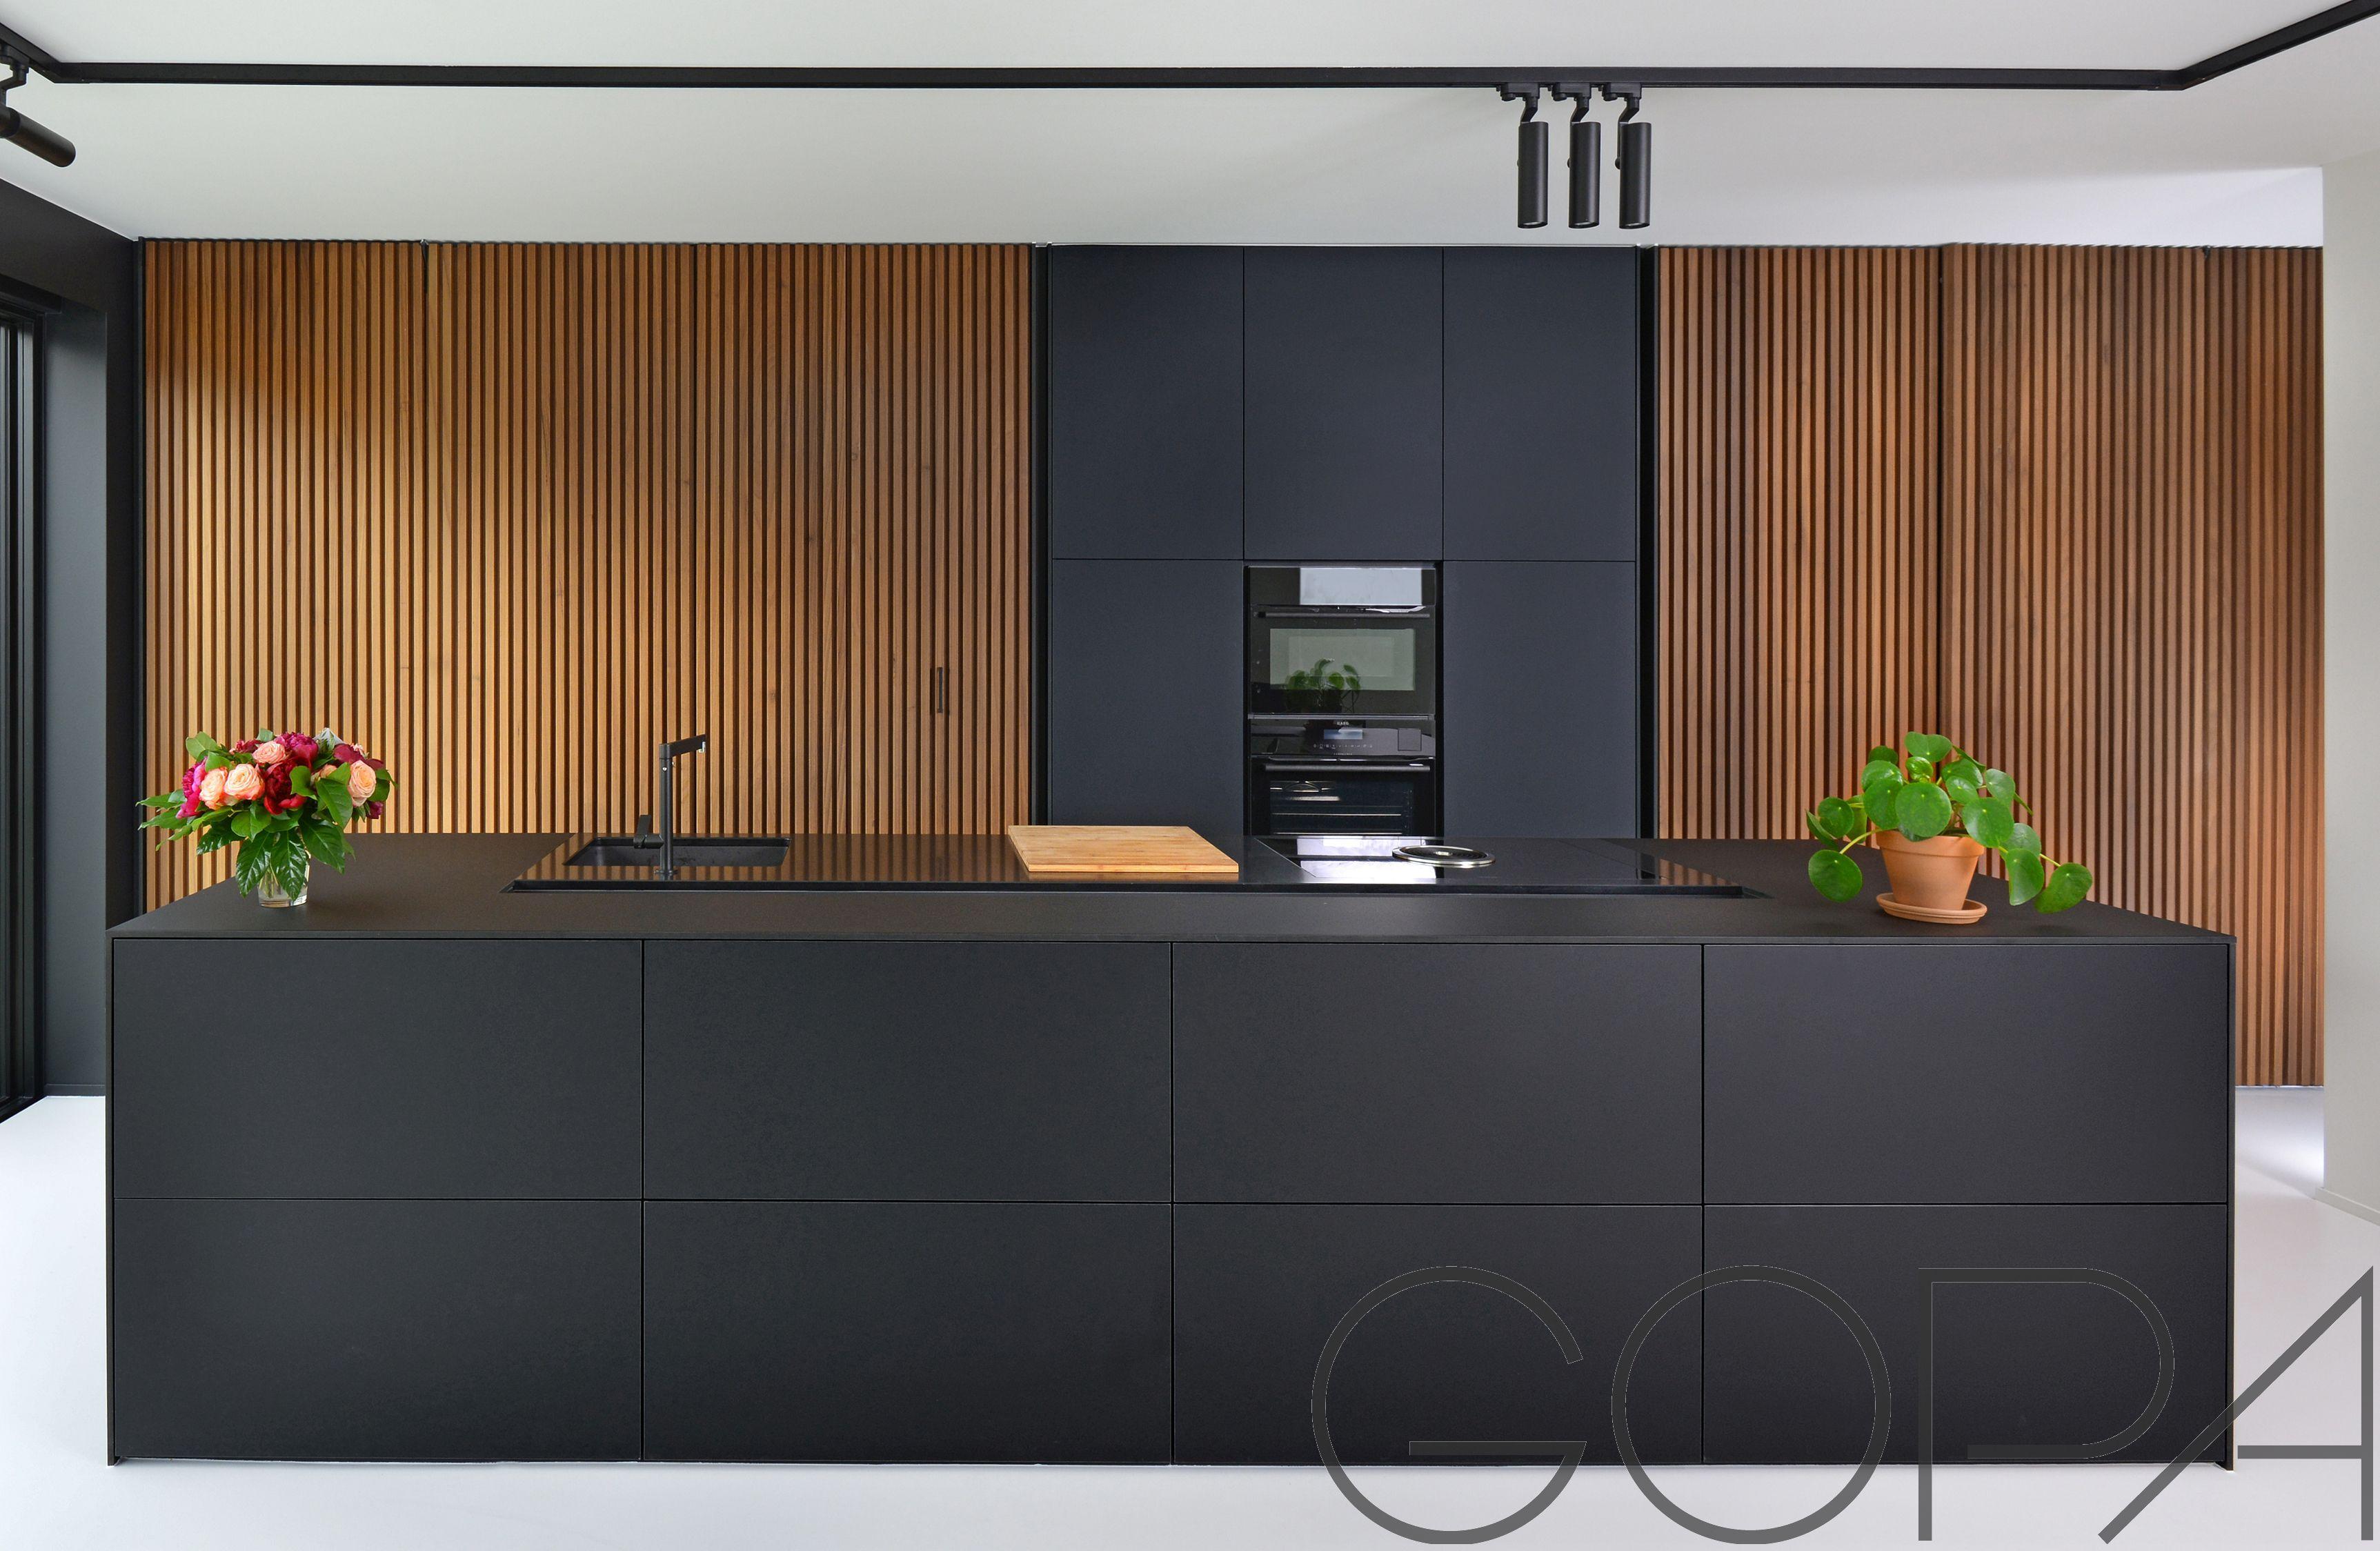 Mat Zwarte Keuken : Mat zwarte keuken met volkern vanea fenix werkblad kitchen in